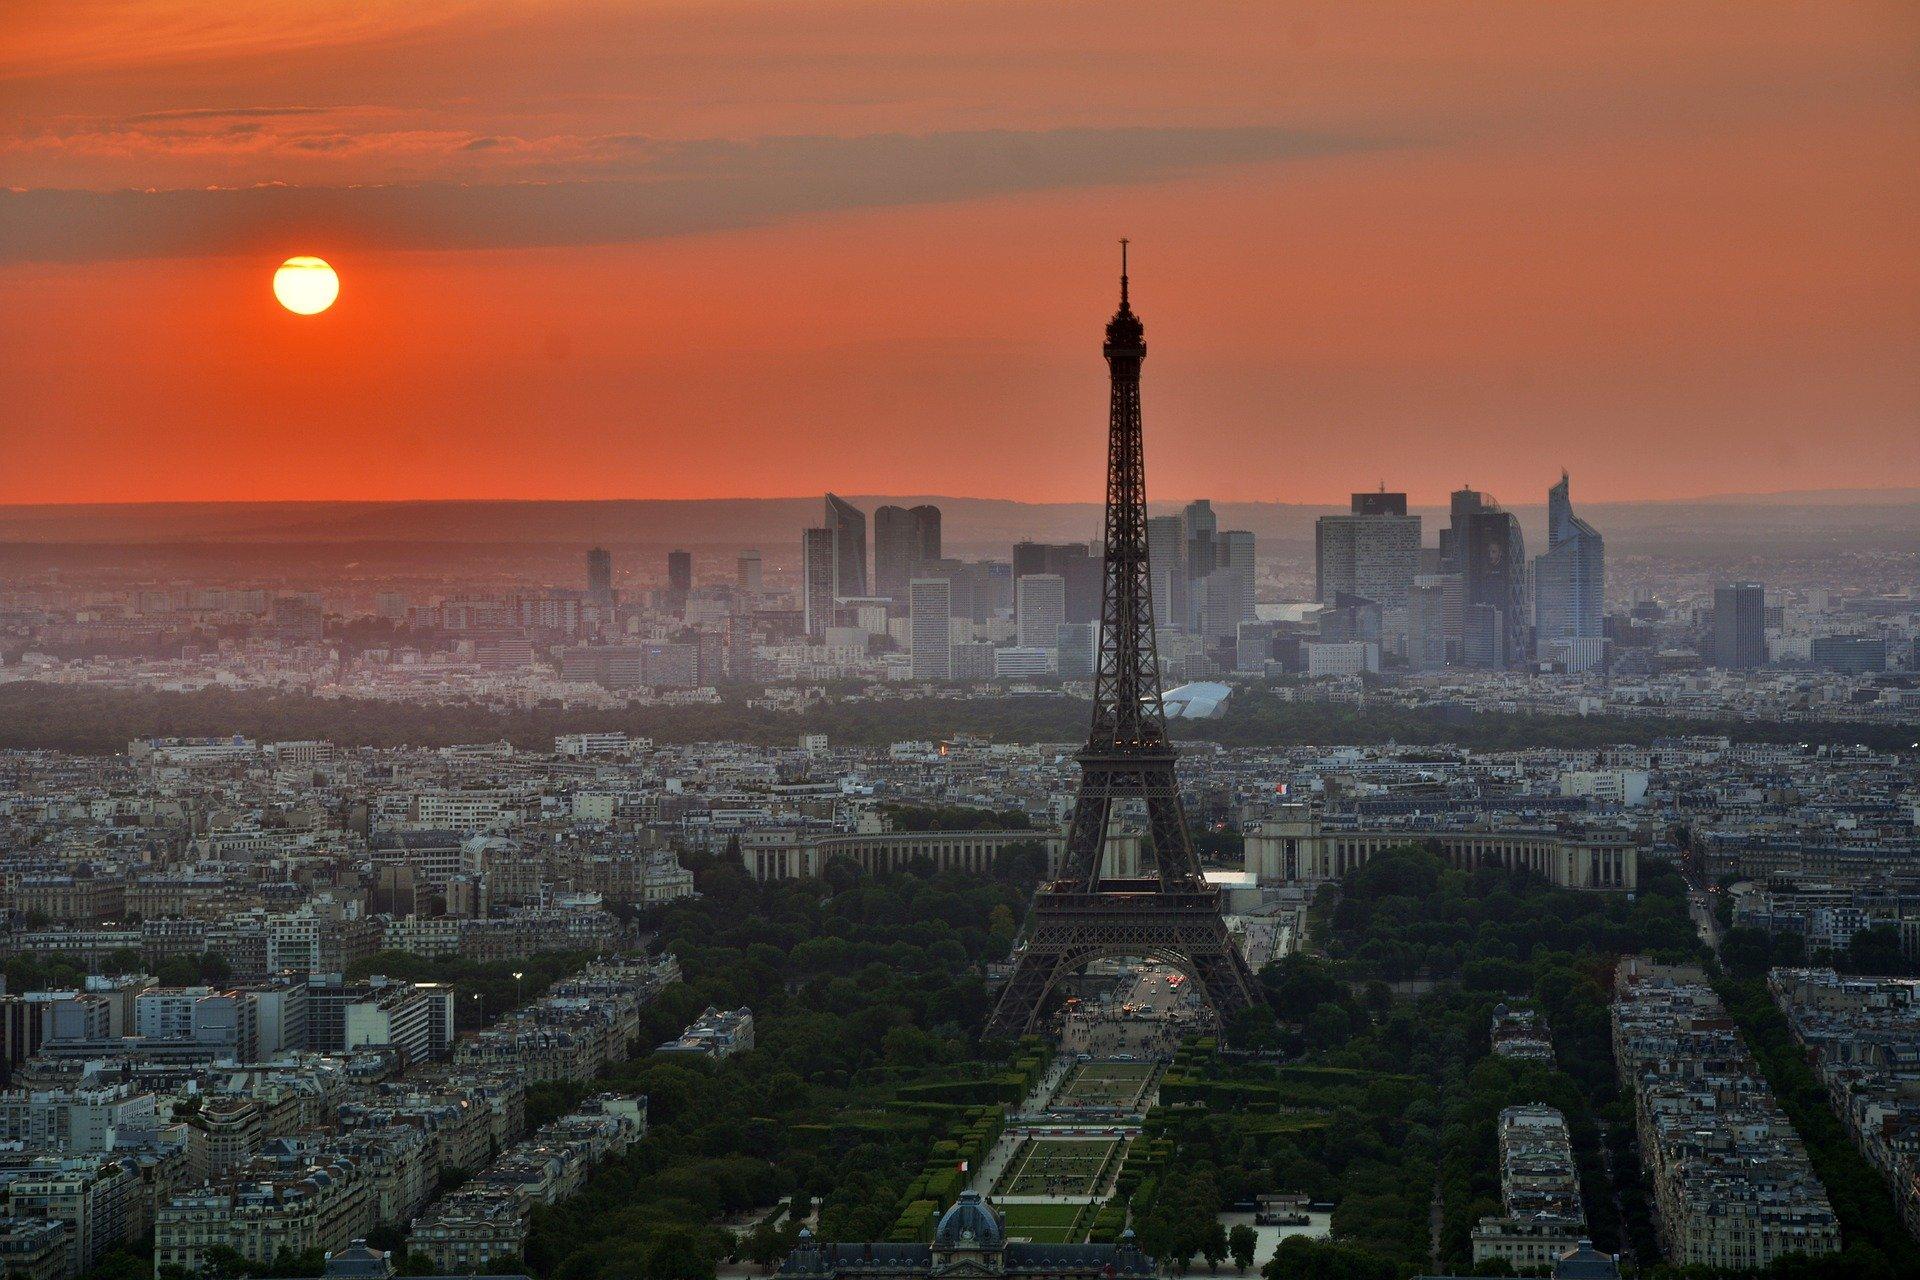 IMAGEM: 5G: autoridade constitucional da França aprova lei 'anti-Huawei'